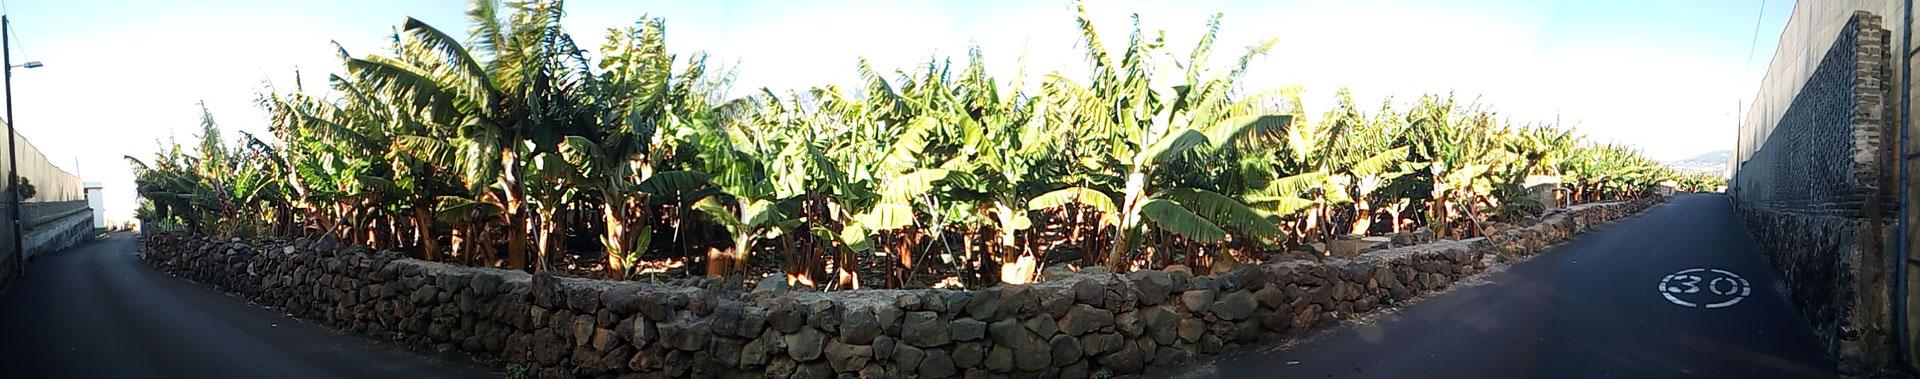 Plantagen überall